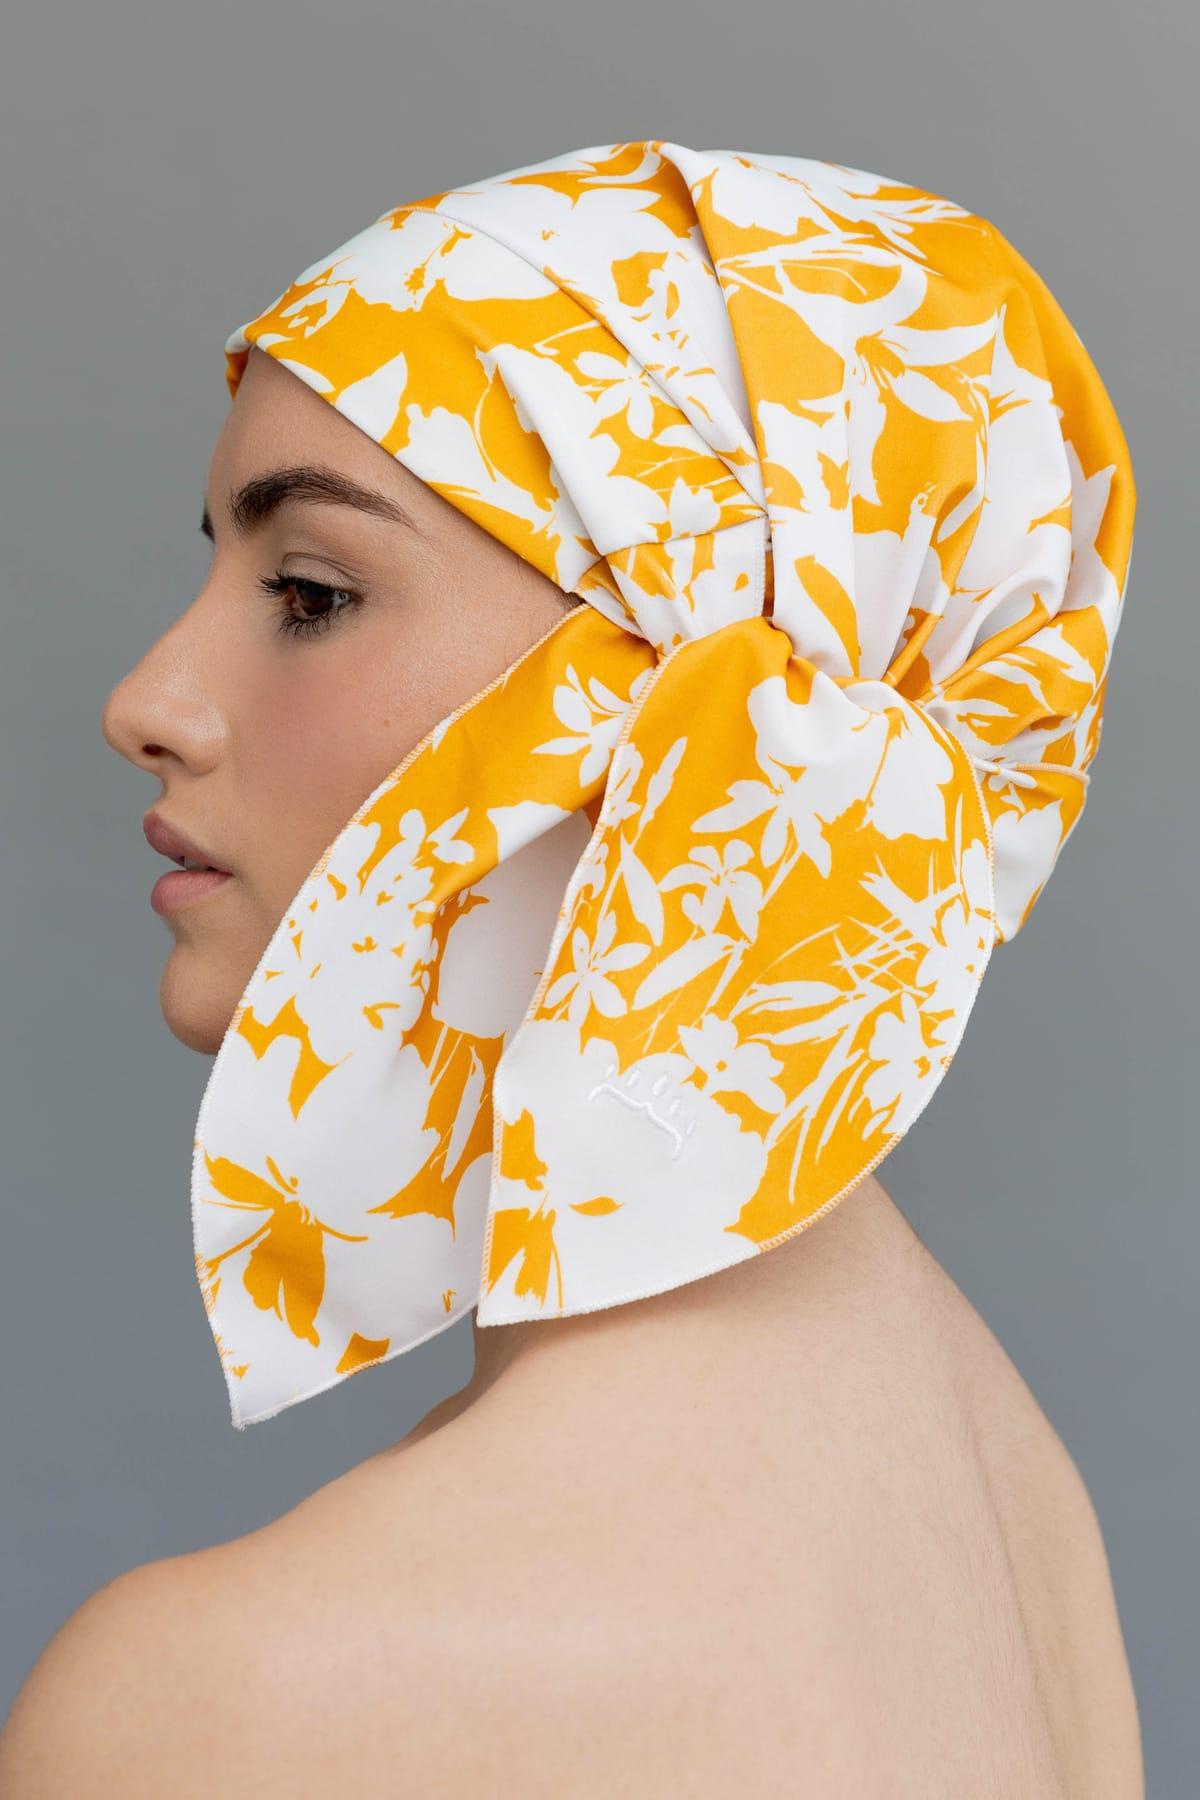 Gorro de ducha estampado en amarillo y blanco